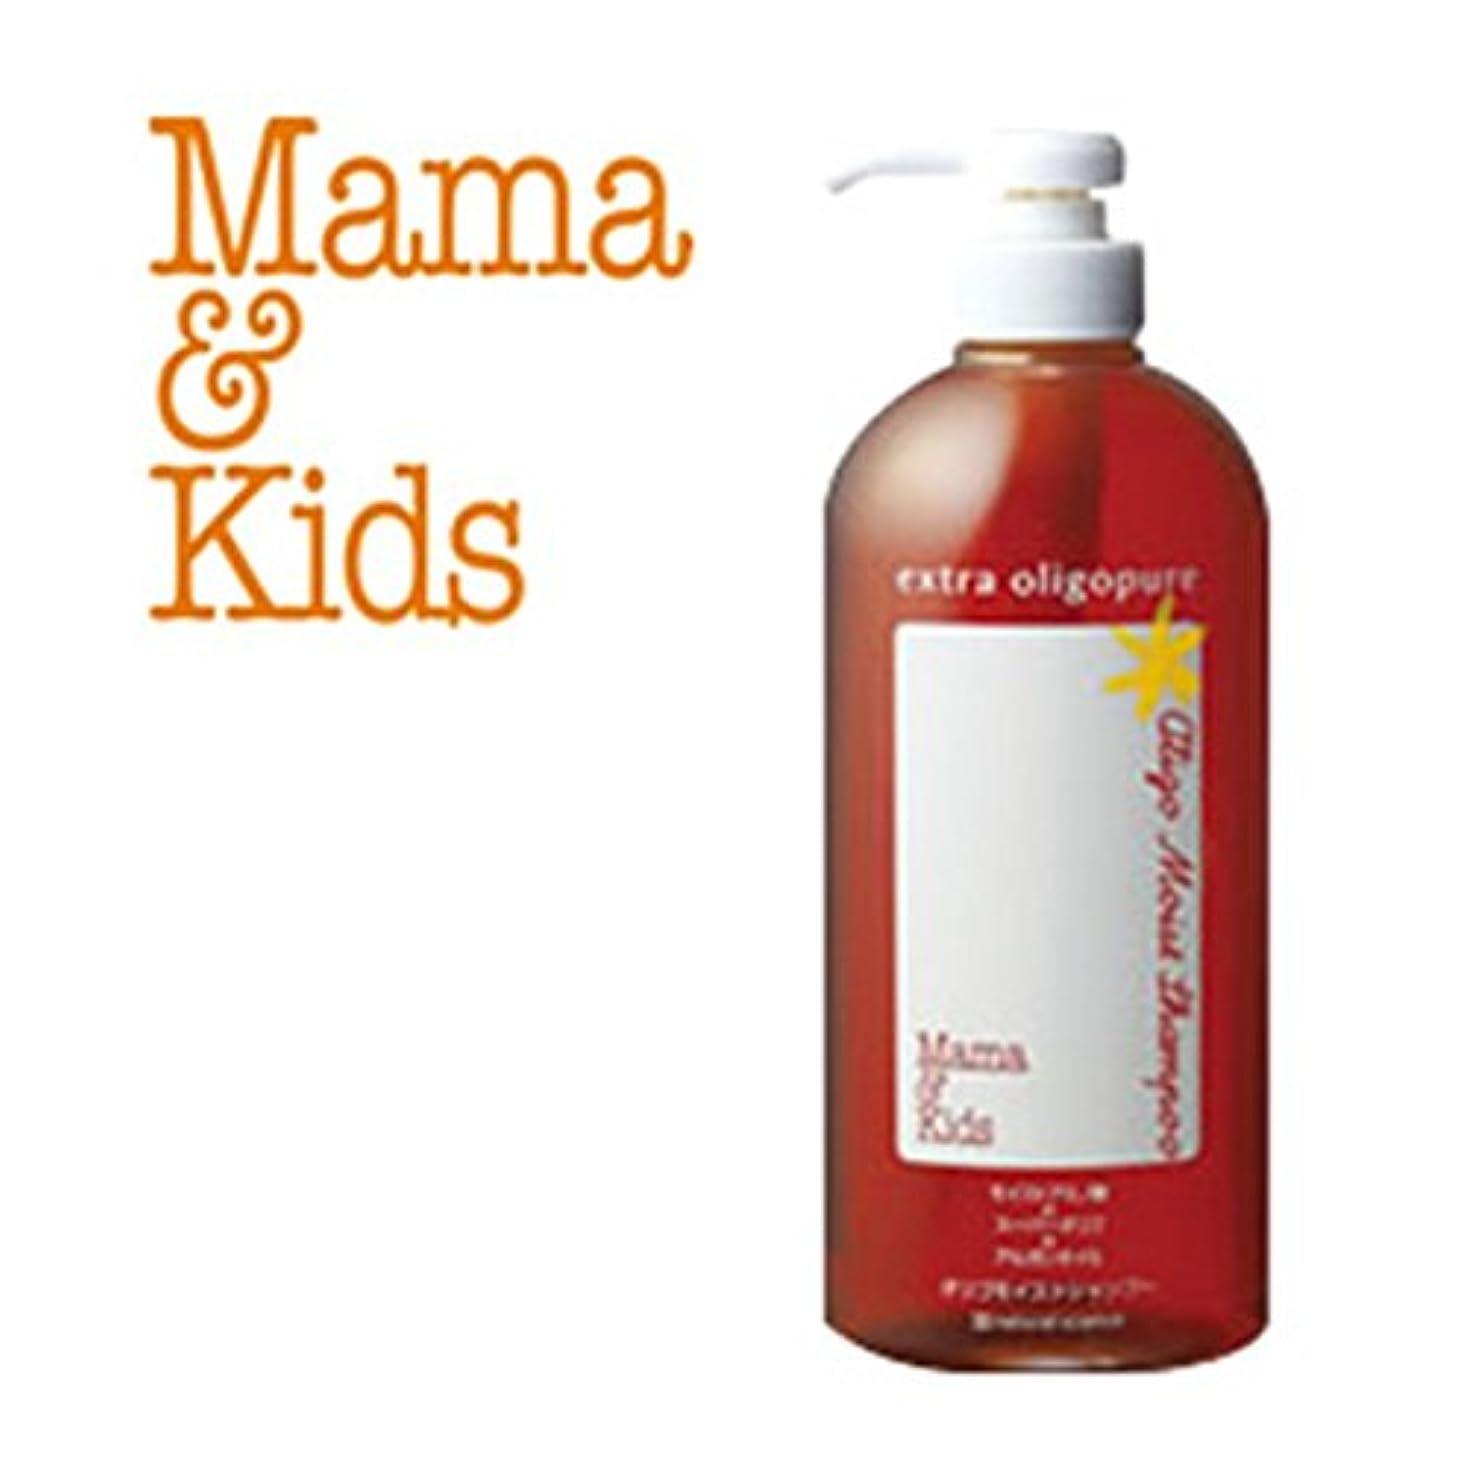 ボタン作物無実ママ&キッズ オリゴモイストシャンプー720ML/Mama&Kids Oligo Moist Shampoo/洗发水